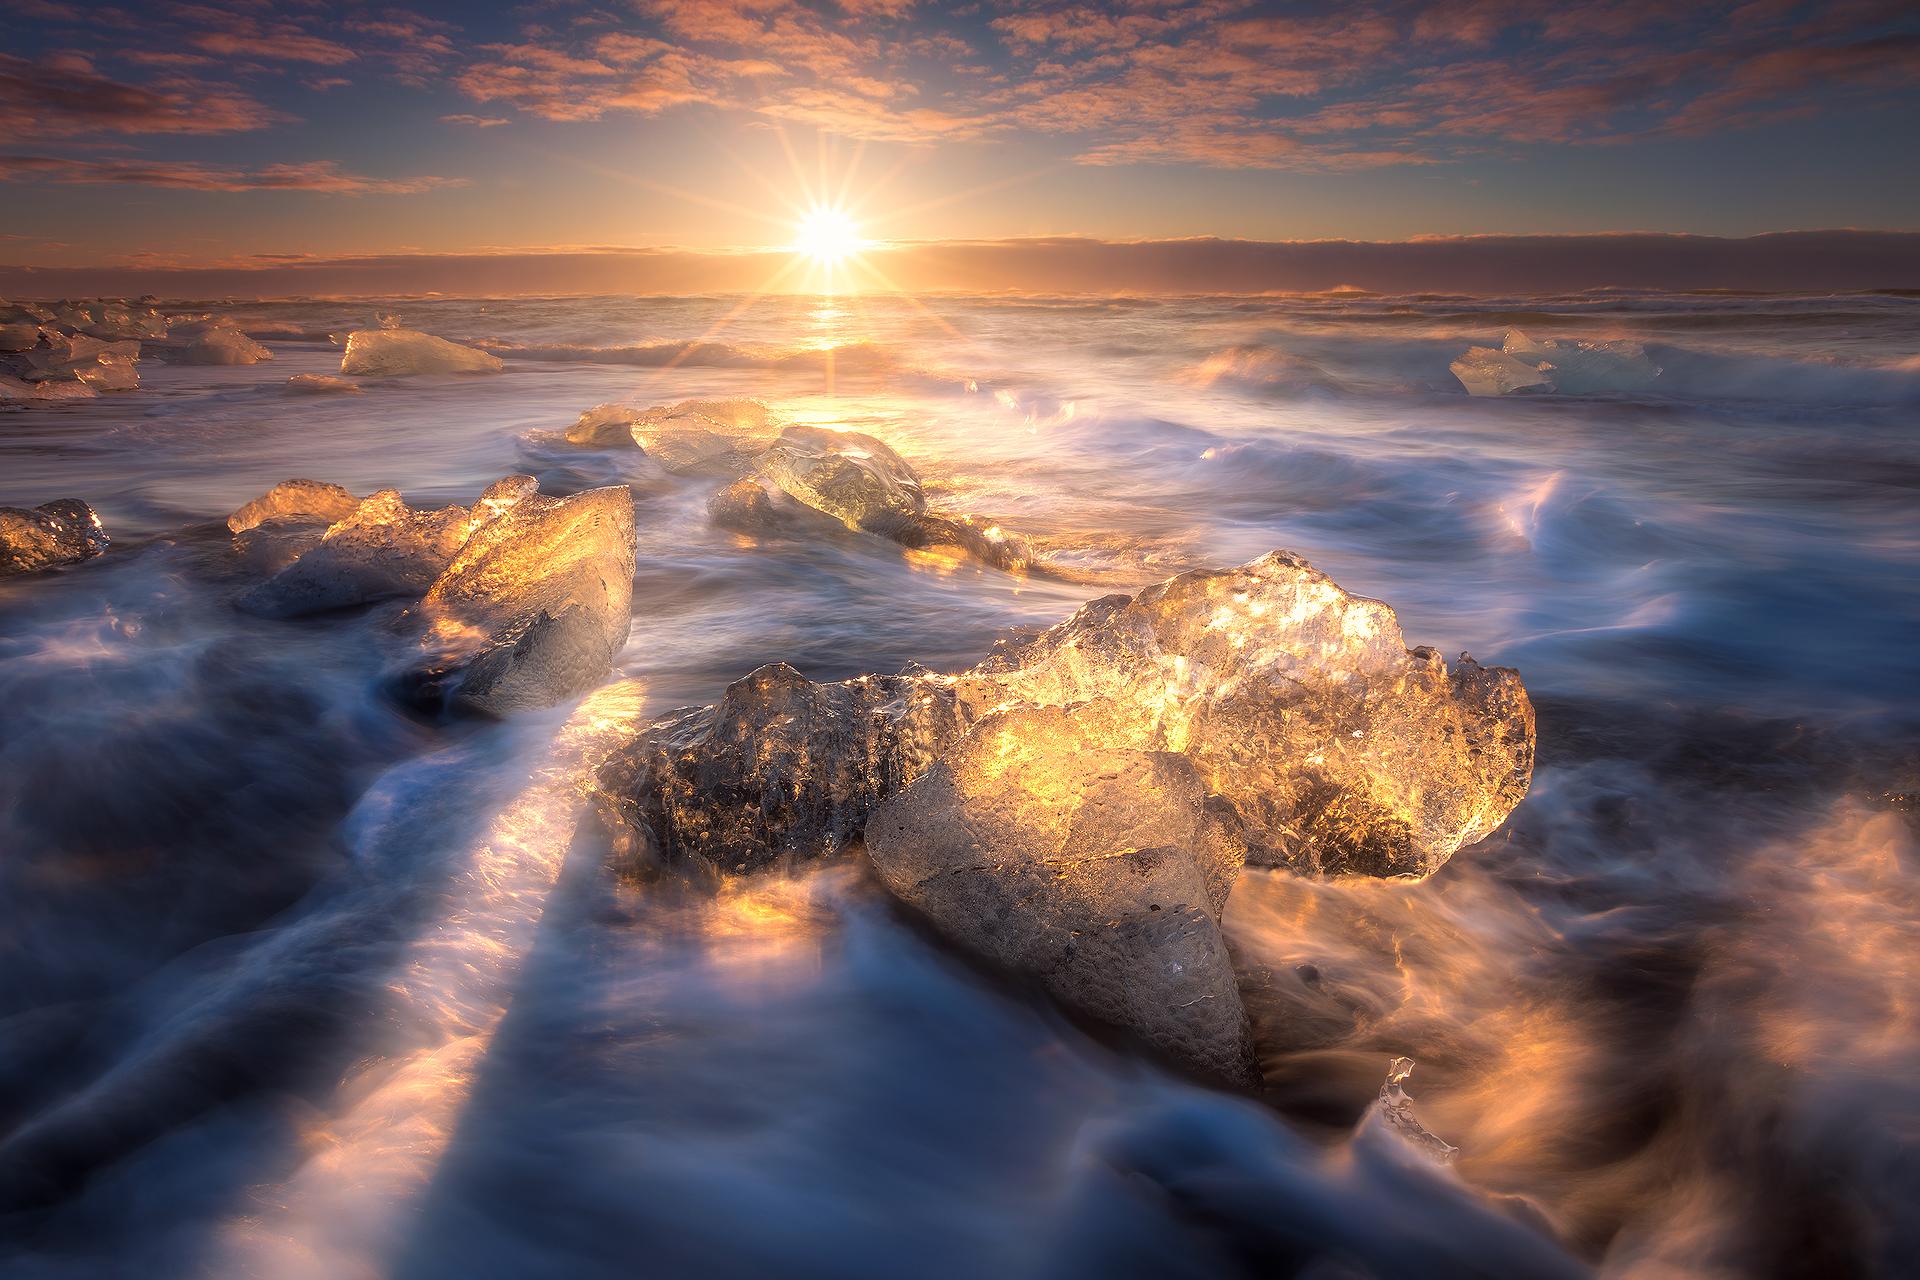 在钻石沙滩上可以接近古老的冰川冰块,这是一段令人印象深刻的黑沙滩,来自杰古沙龙冰河湖的冰山被海浪冲上了海滩。